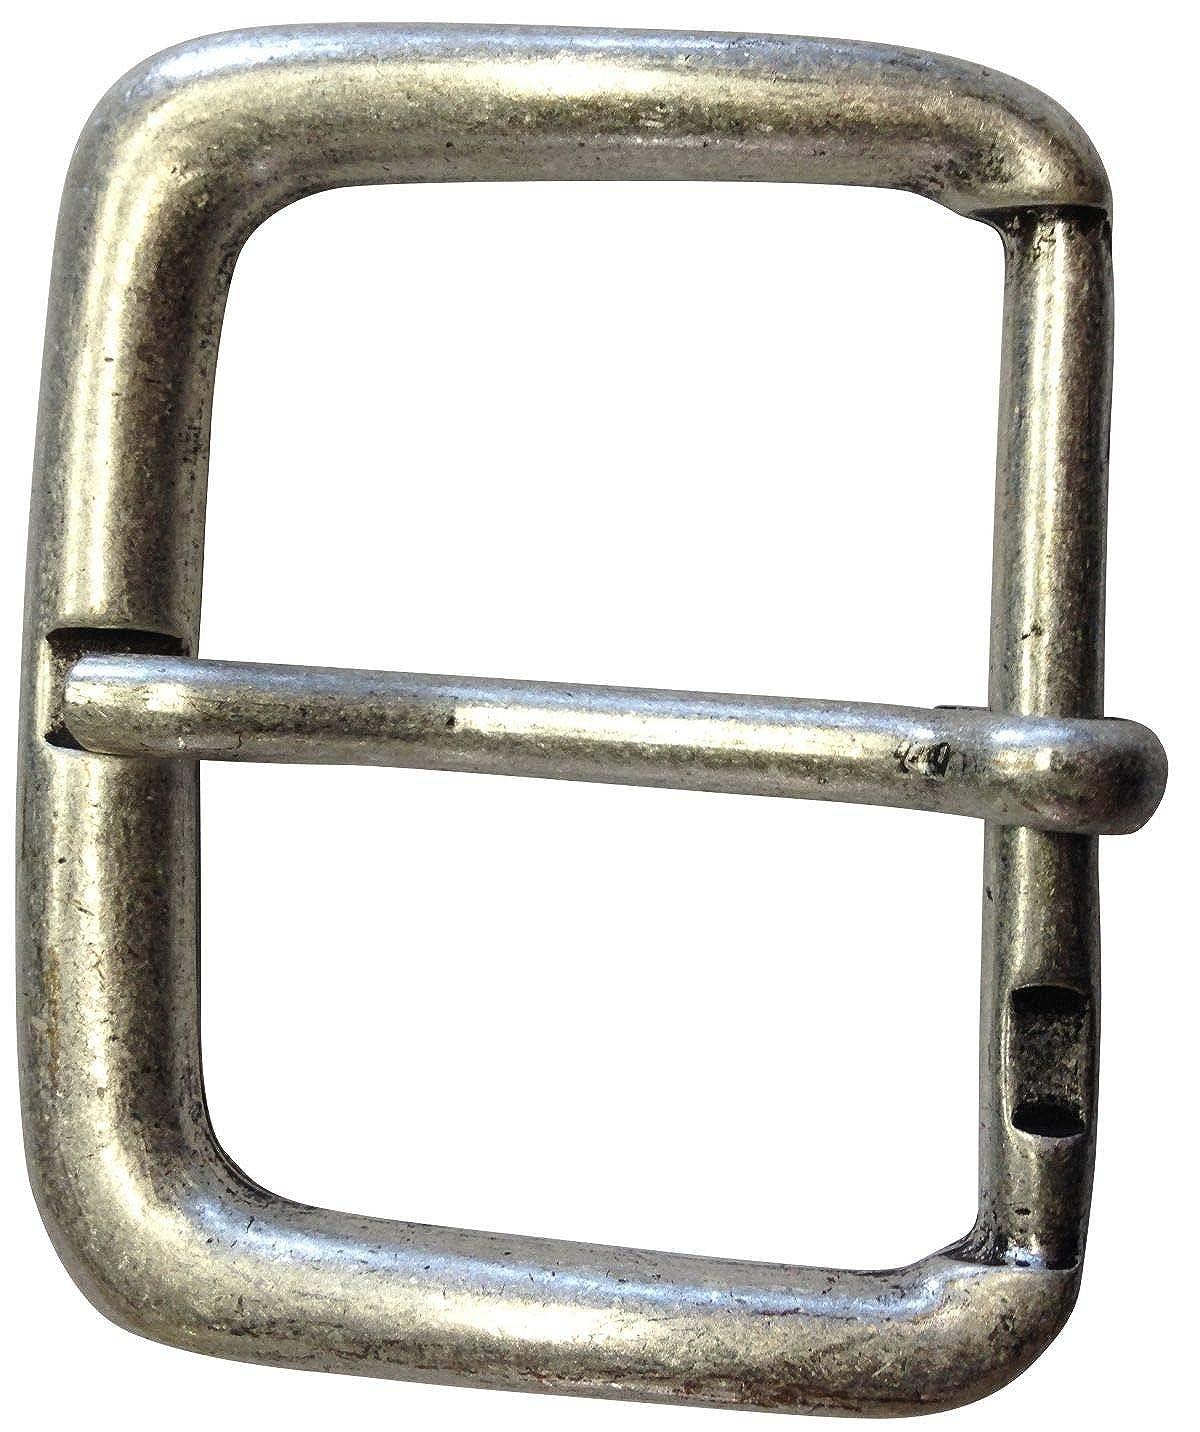 Buckle Wechselschlie/ße G/ürtelschlie/ße 50mm Massiv F/ür Wechselg/ürtel bis zu 5cm Breite Dorn-Schlie/ße Brazil Lederwaren G/ürtelschnalle 5,0 cm